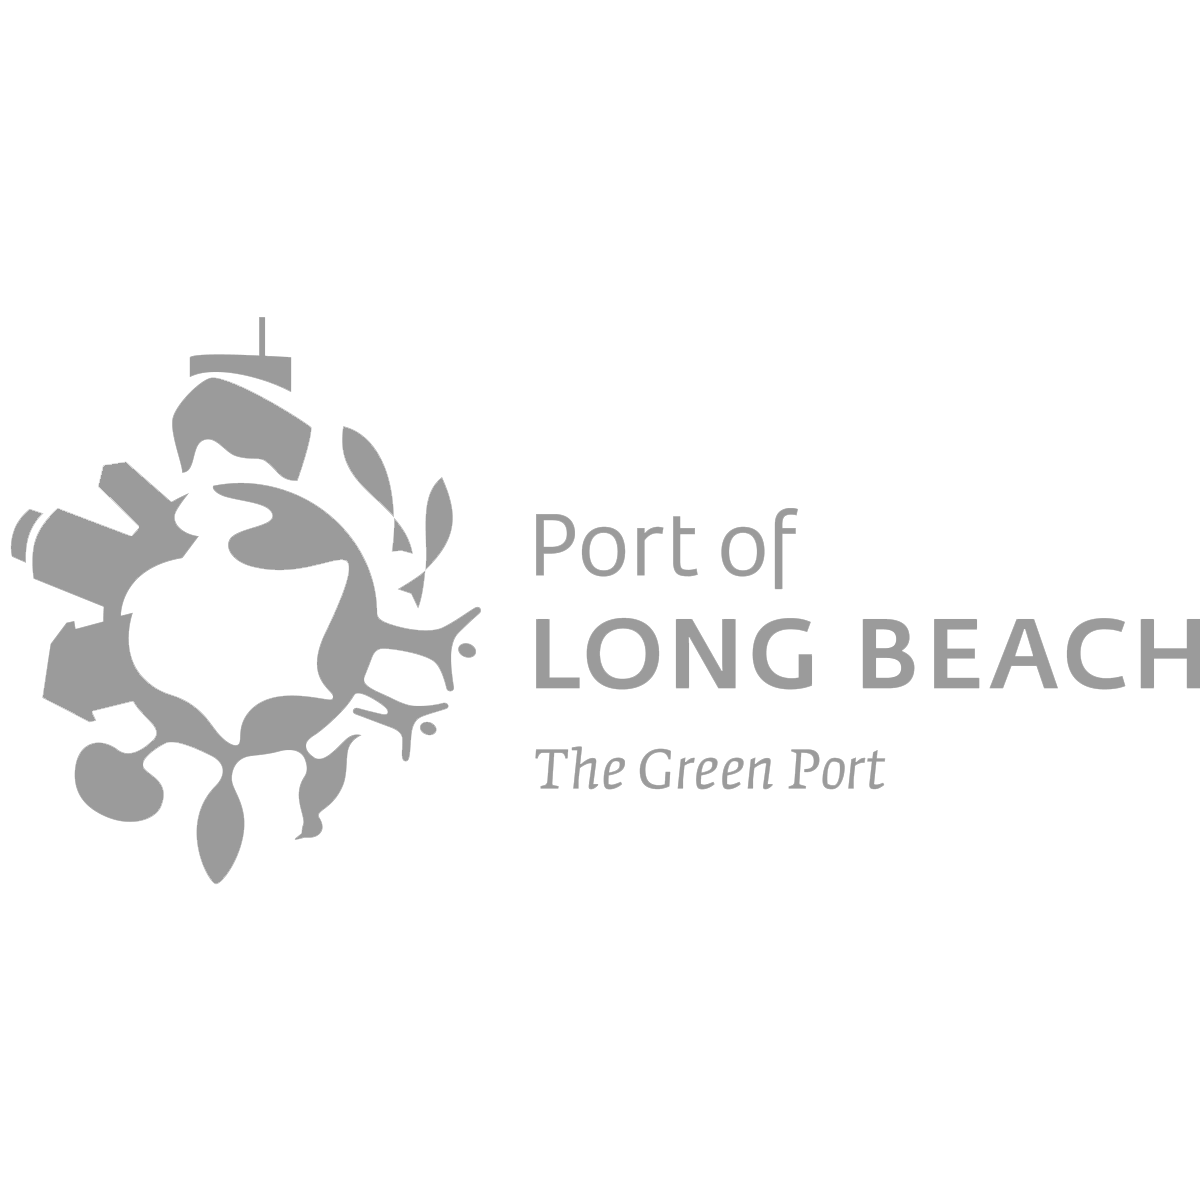 port_of_lb_logo-(1) copy